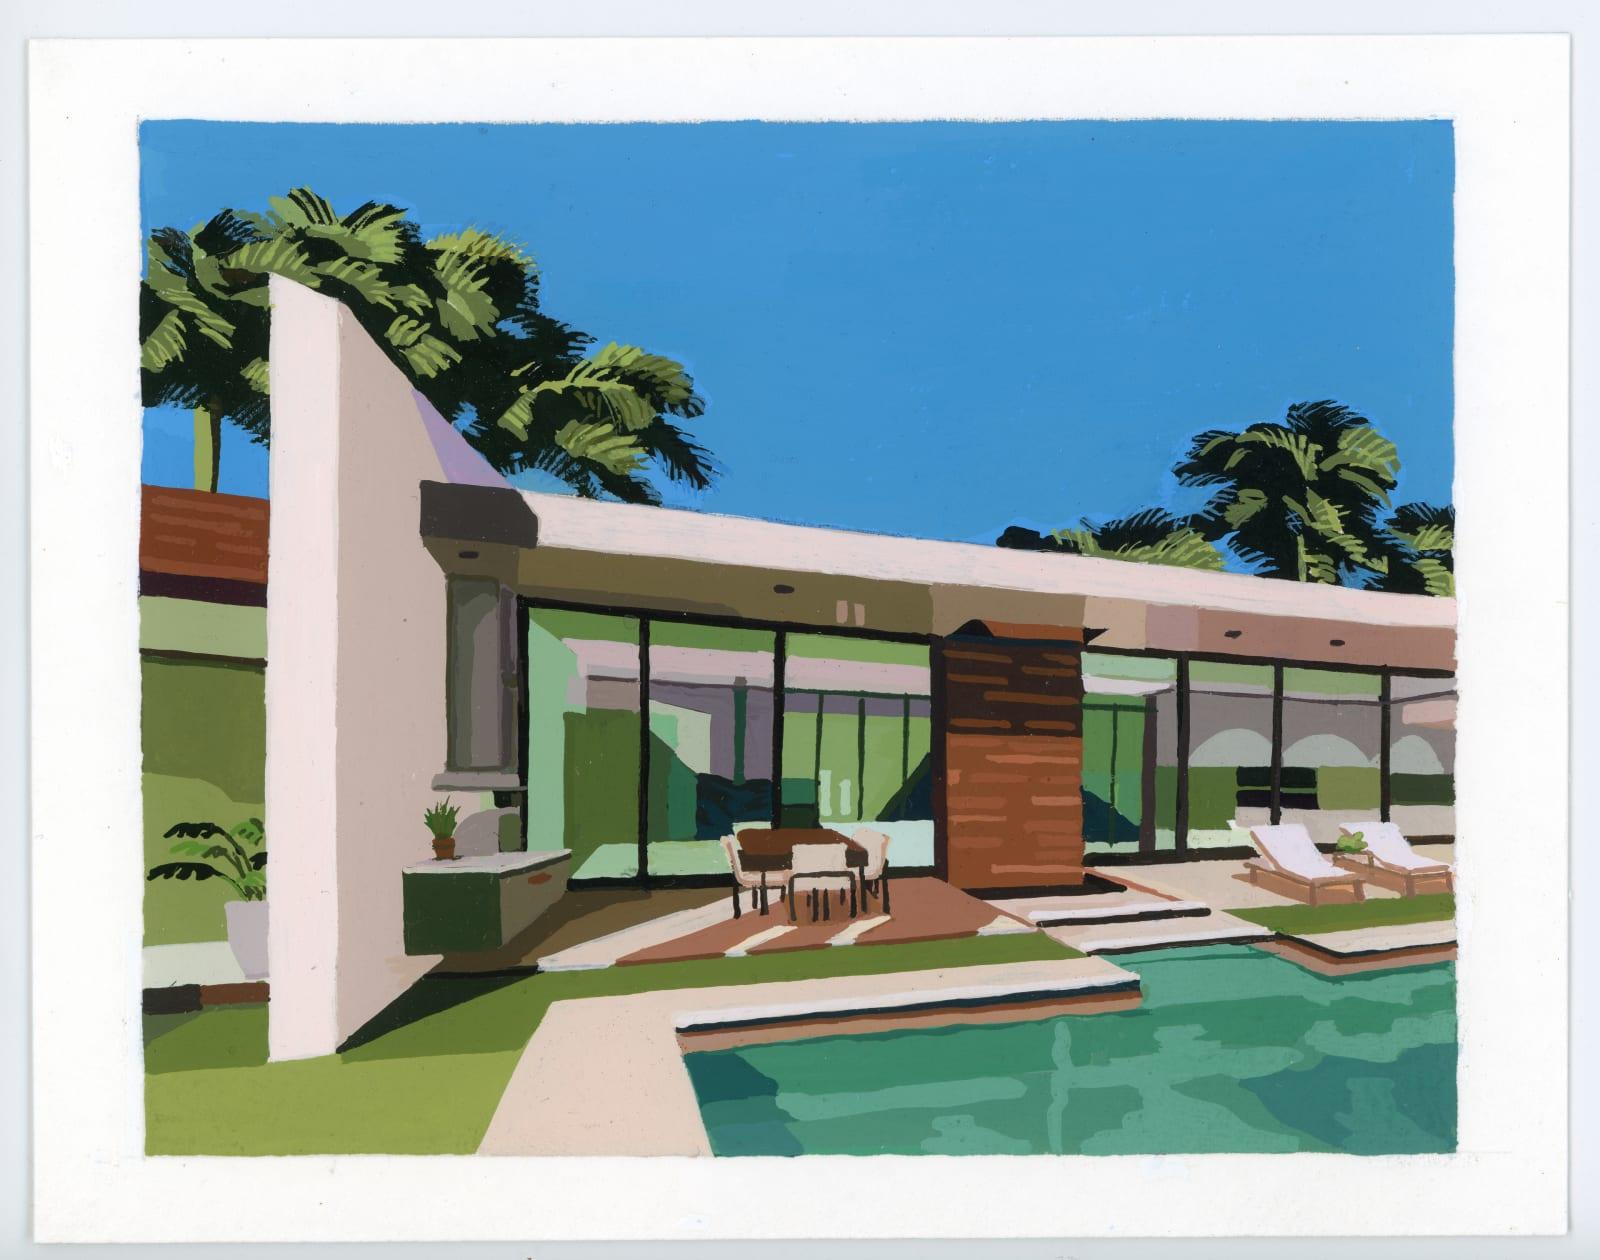 Andy Burgess, River Lane Residence, 2020